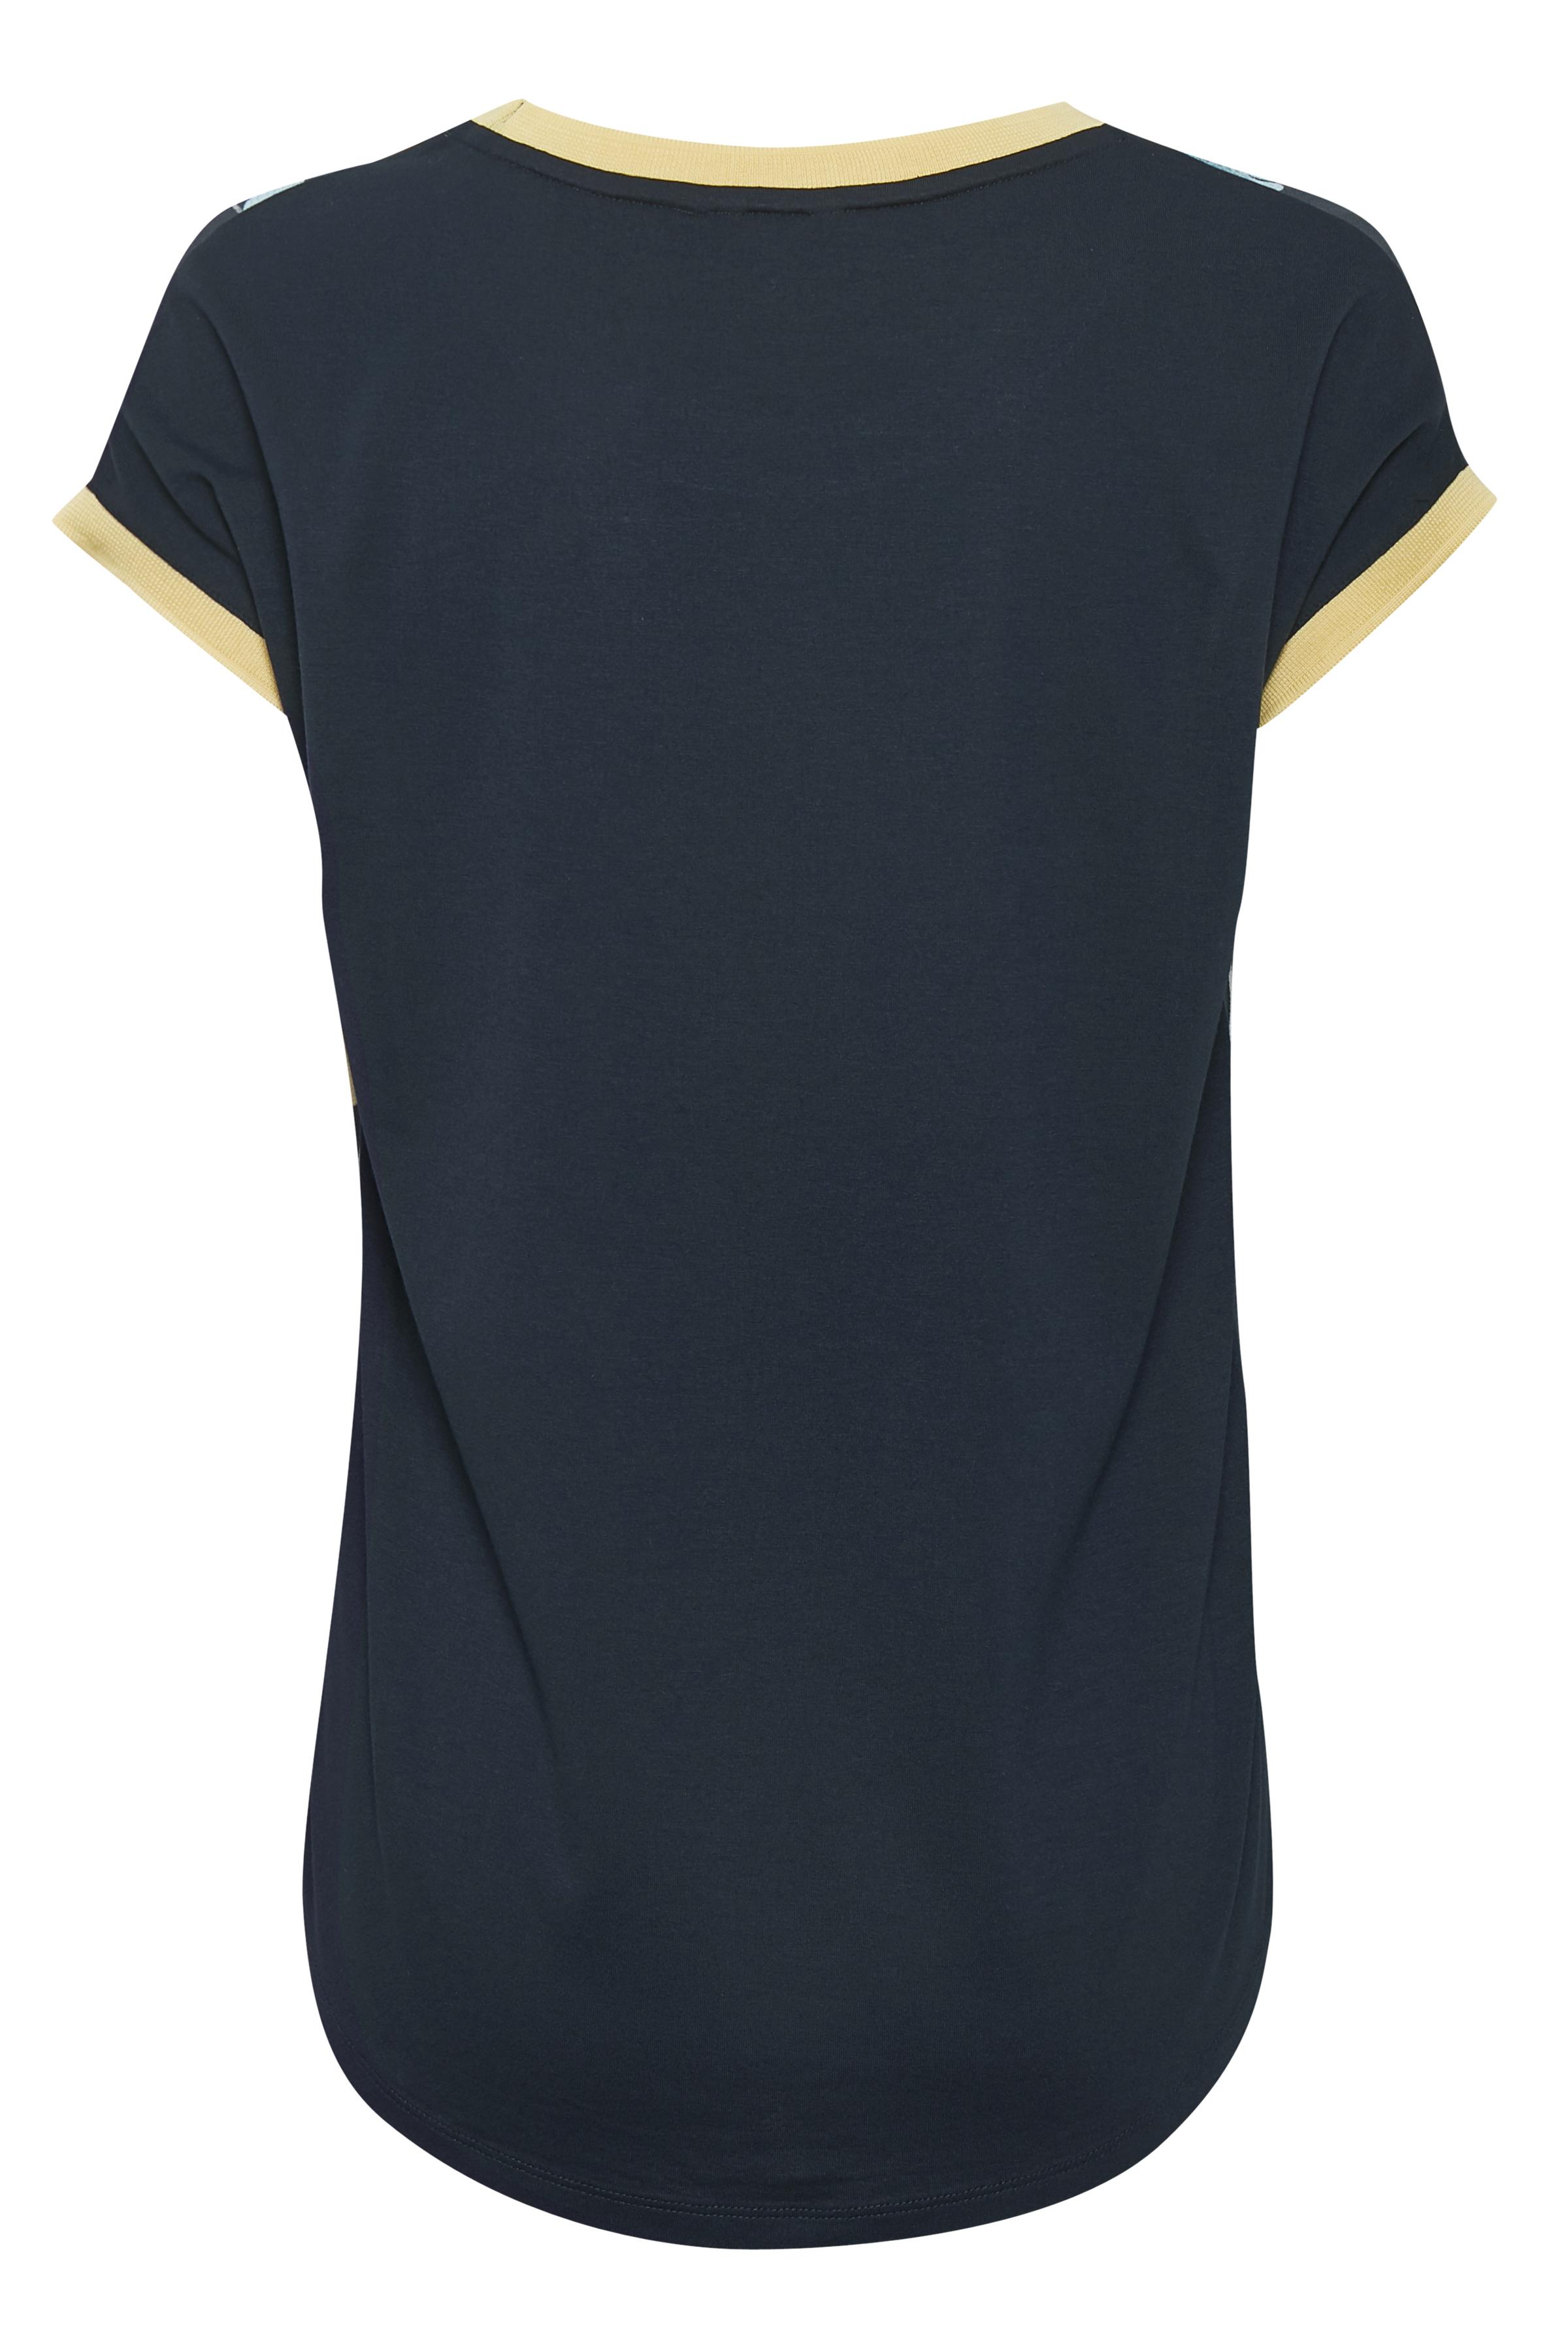 Marinblå/ljus gul Kortärmad blus  från Bon'A Parte – Köp Marinblå/ljus gul Kortärmad blus  från stl. S-2XL här